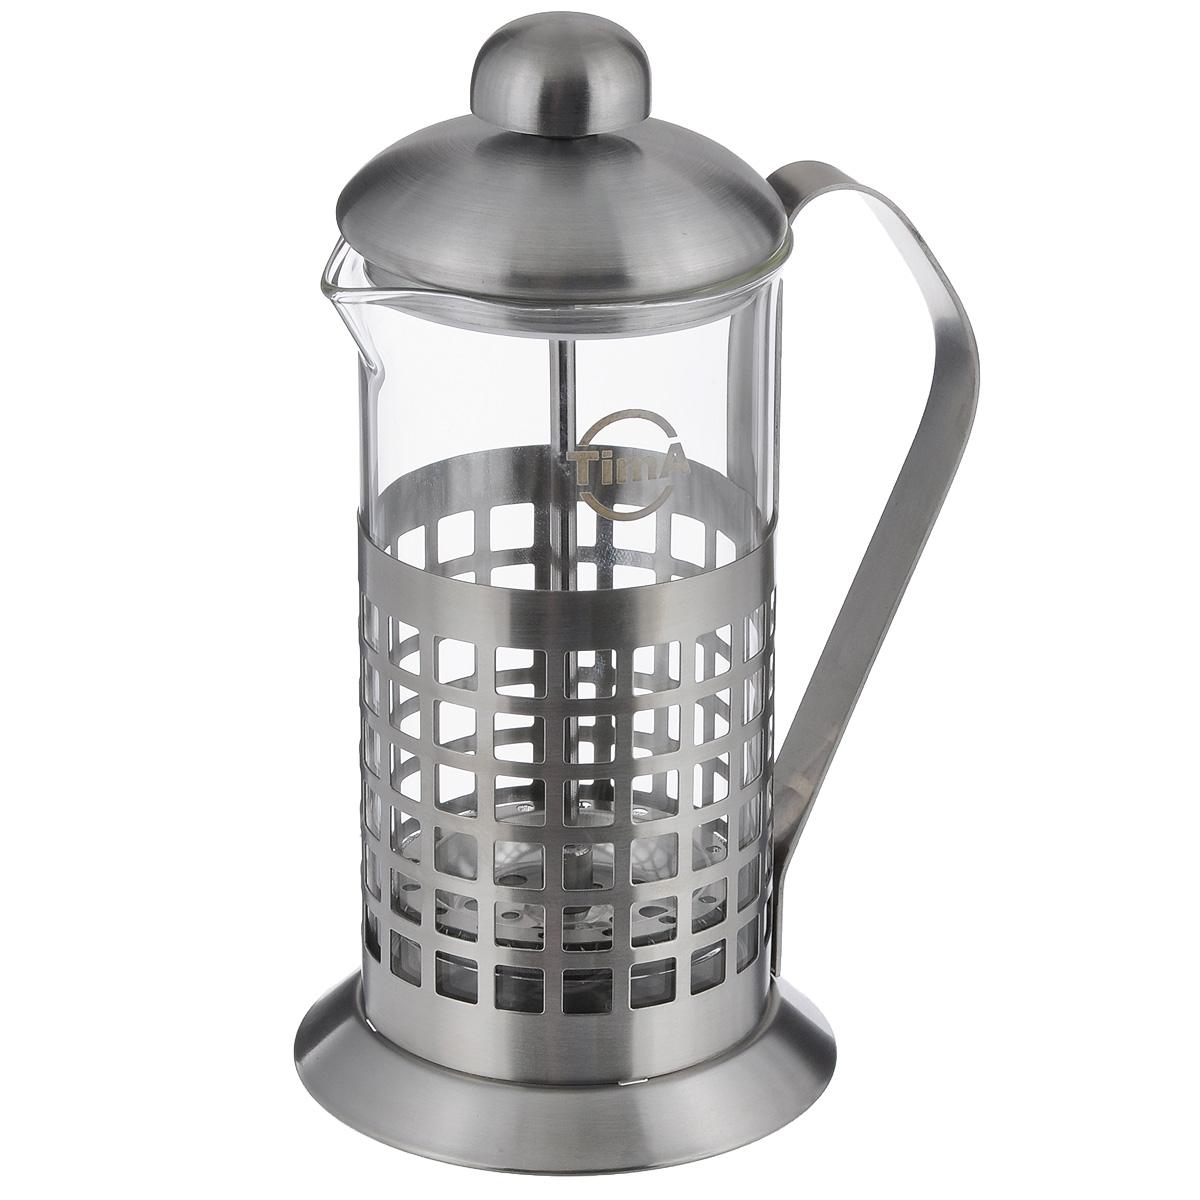 Чайник заварочный TimA Бисквит, 350 млPB-350Чайник заварочный TimA Бисквит выполнен в виде френч-пресса и представляет собой гибрид заварочного чайника и кофейника. Колба выполнена из жаропрочного стекла, корпус, крышка и поршень изготовлены из нержавеющей стали. Изделие легко разбирается и моется. Прозрачные стенки чайника дают возможность наблюдать за насыщением напитка, а поршень позволяет с легкостью отжать самый сок от заварки и получить напиток с насыщенным вкусом. Заварочный чайник - постоянно используемый предмет посуды, который необходим на каждой кухне. Френч-пресс TimA Бисквит займет достойное место среди аксессуаров на вашей кухне. Можно мыть в посудомоечной машине. Диаметр (по верхнему краю): 7 см. Высота чайника: 18,5 см.Объем: 350 мл.